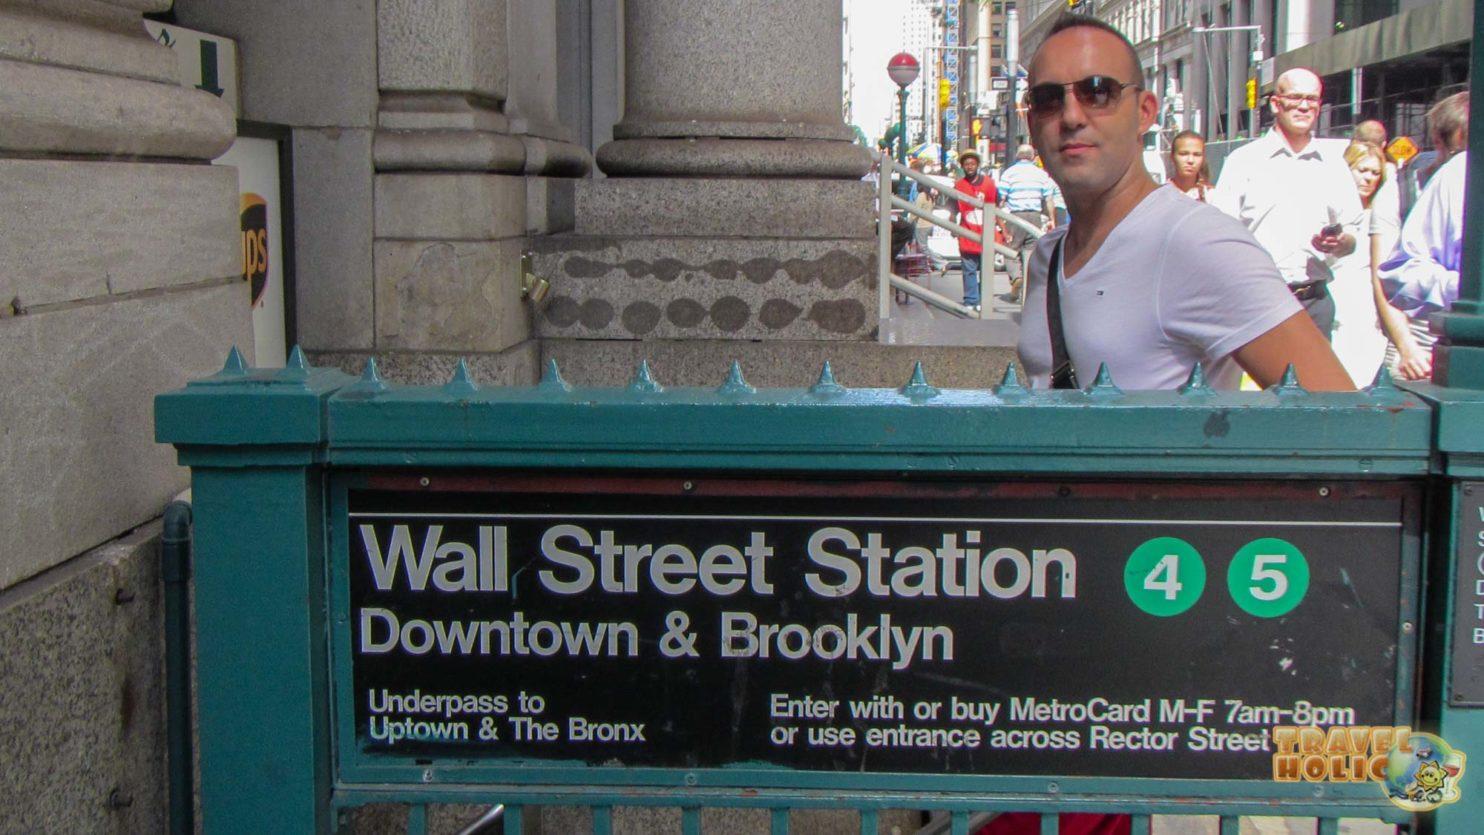 Station de métro Wall Street Station